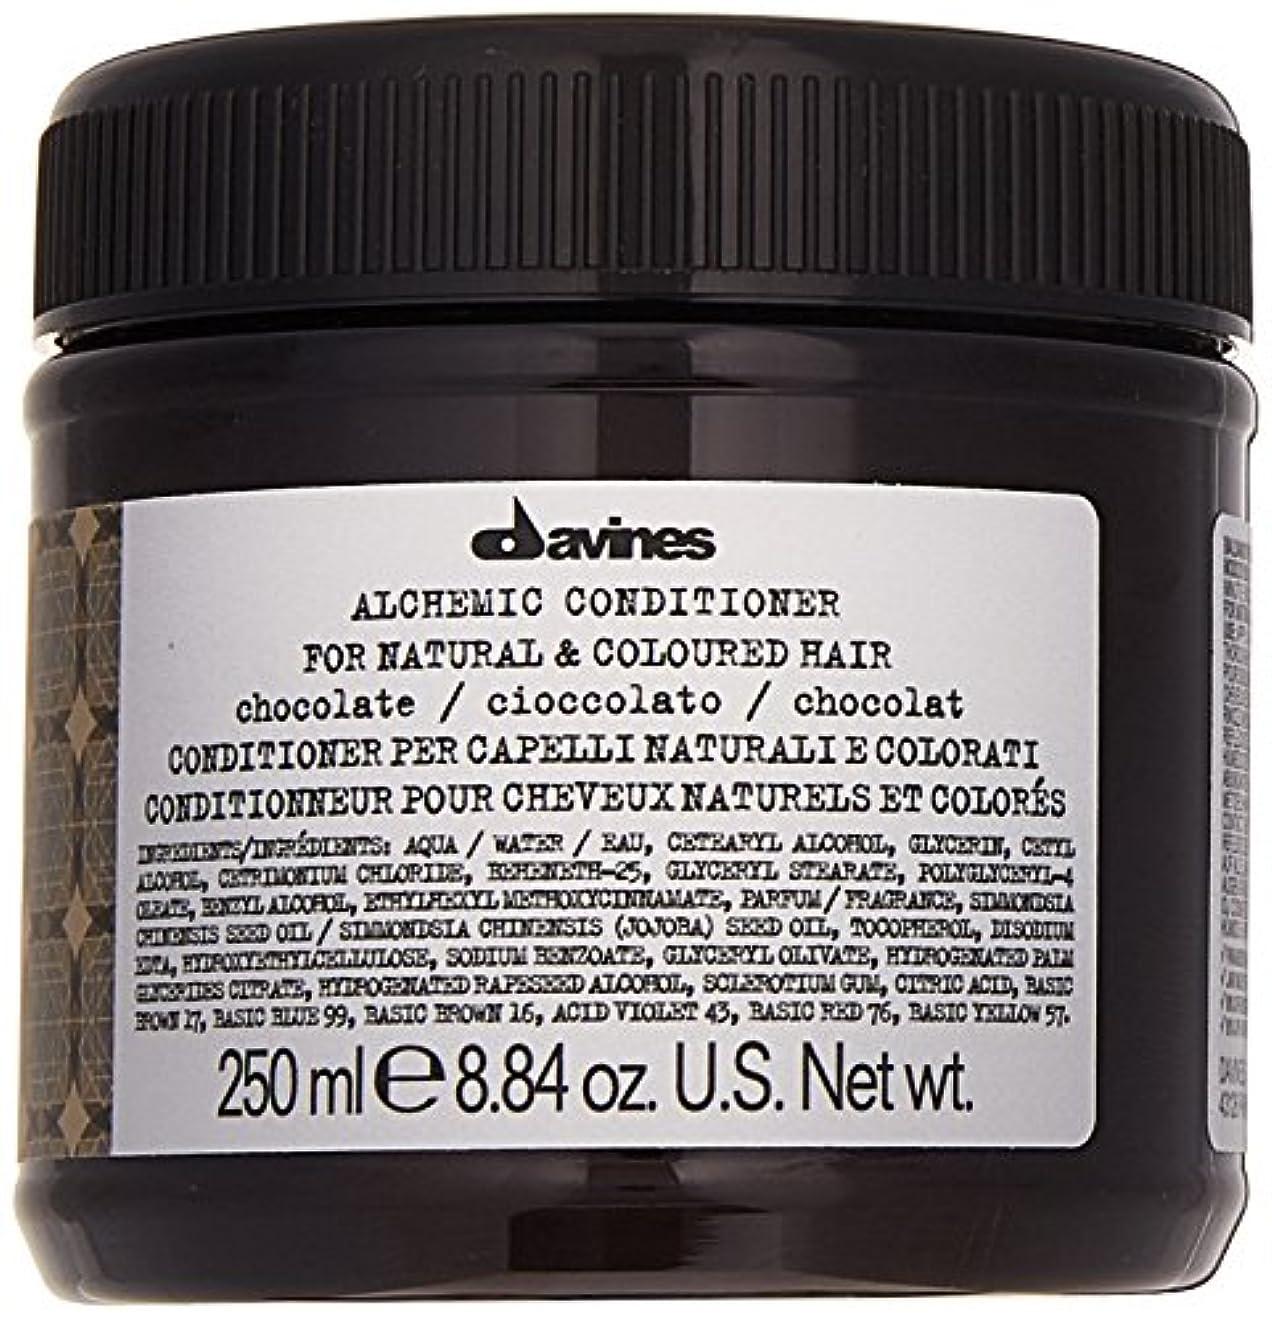 幼児アクセサリー聖書ダヴィネス Alchemic Conditioner - # Chocolate (For Natural & Coloured Hair) 250ml/8.84oz並行輸入品